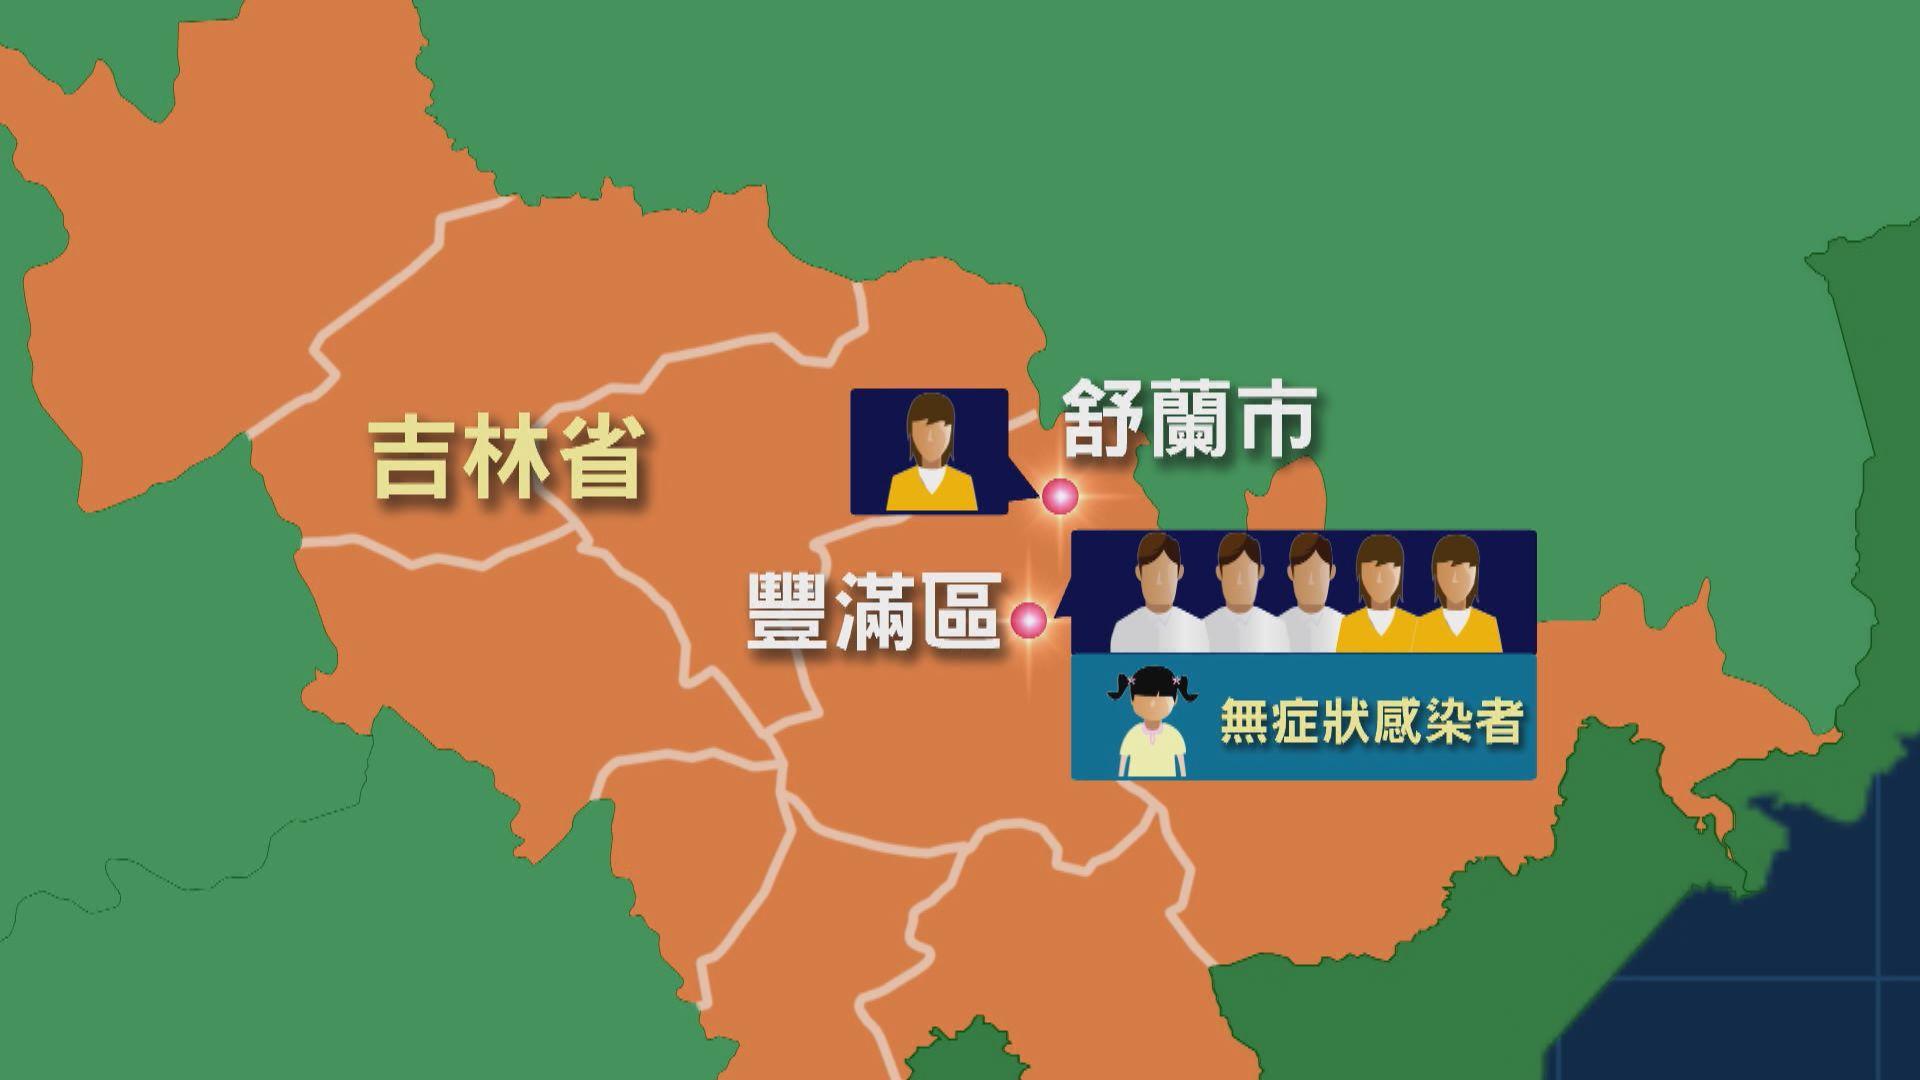 吉林省舒蘭市感染群組源頭仍在調查